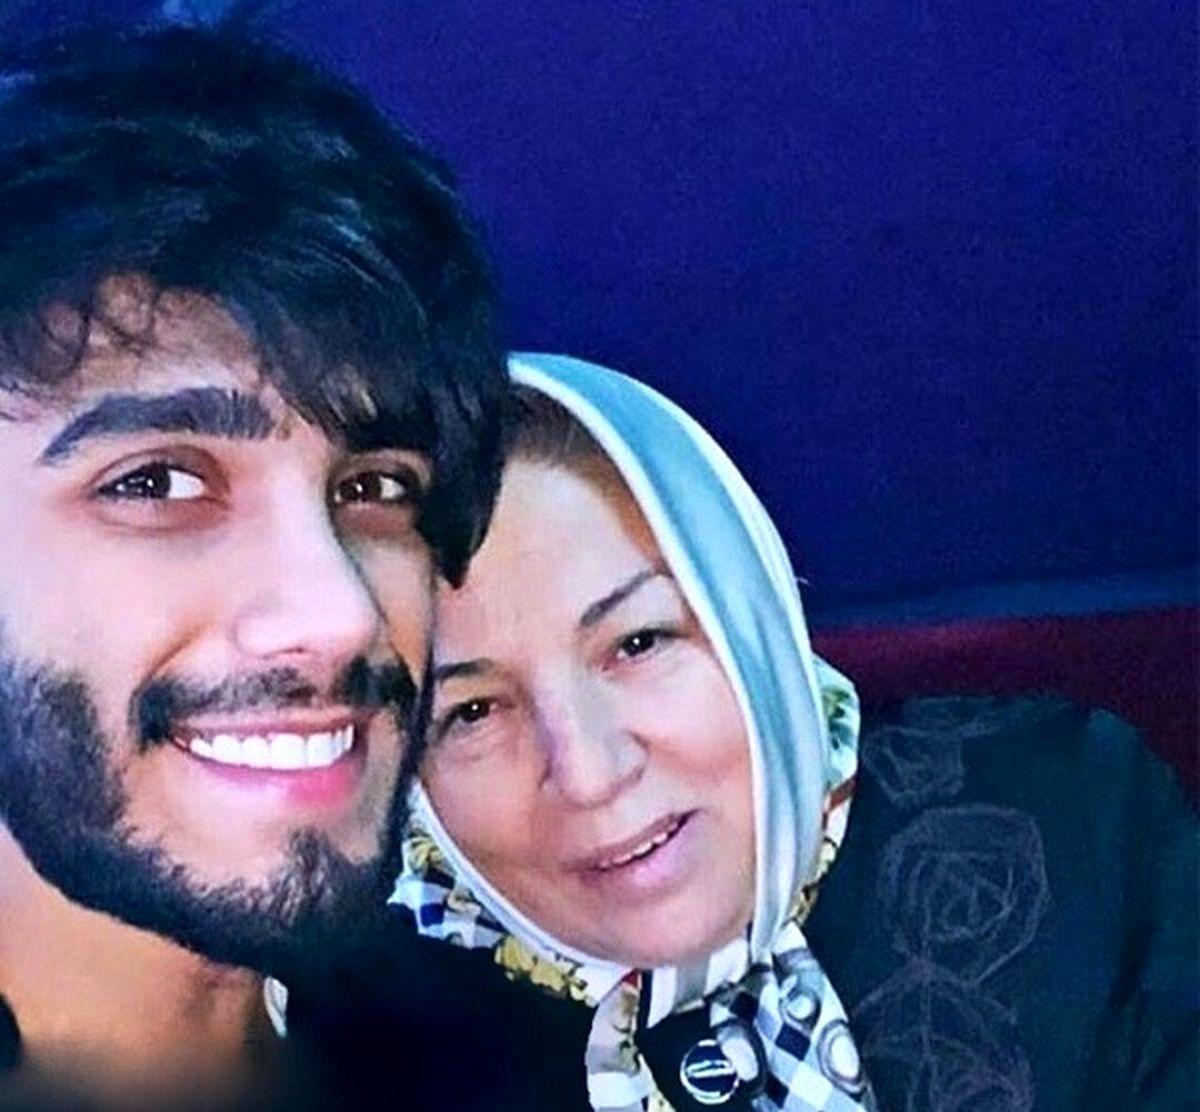 مهراد جم بازیگر شد! +فیلم لورفته